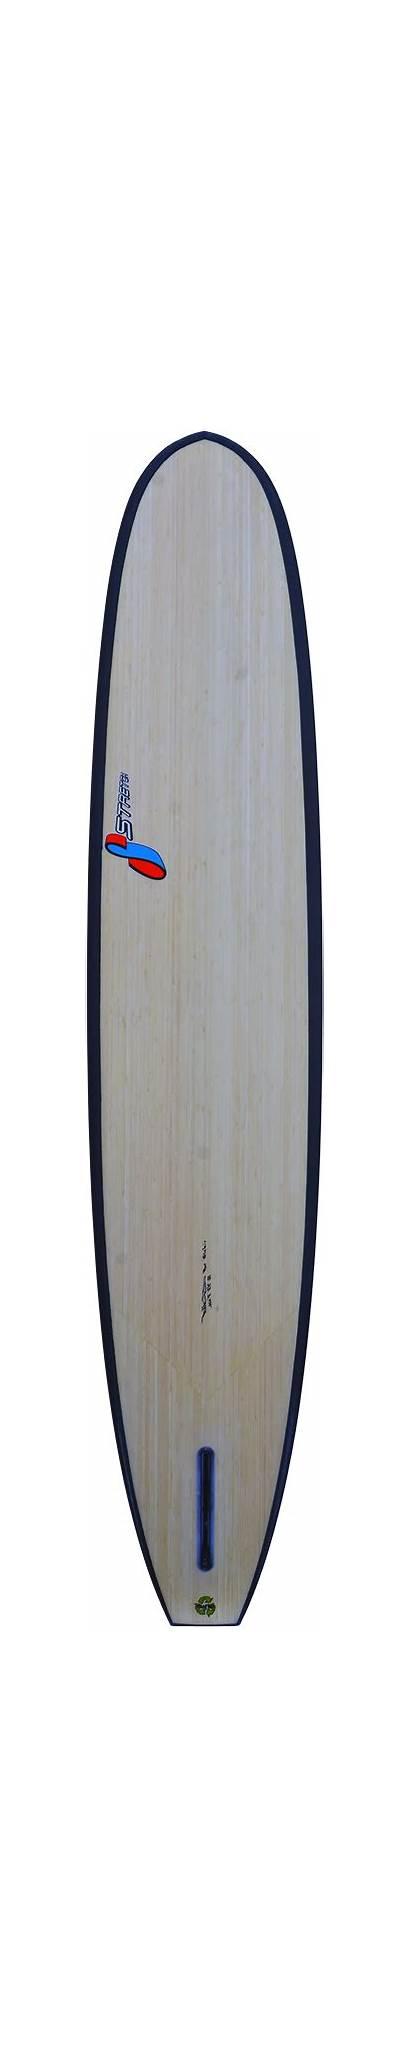 Classic Longboard Boards Stretch Surfboard Surfboards